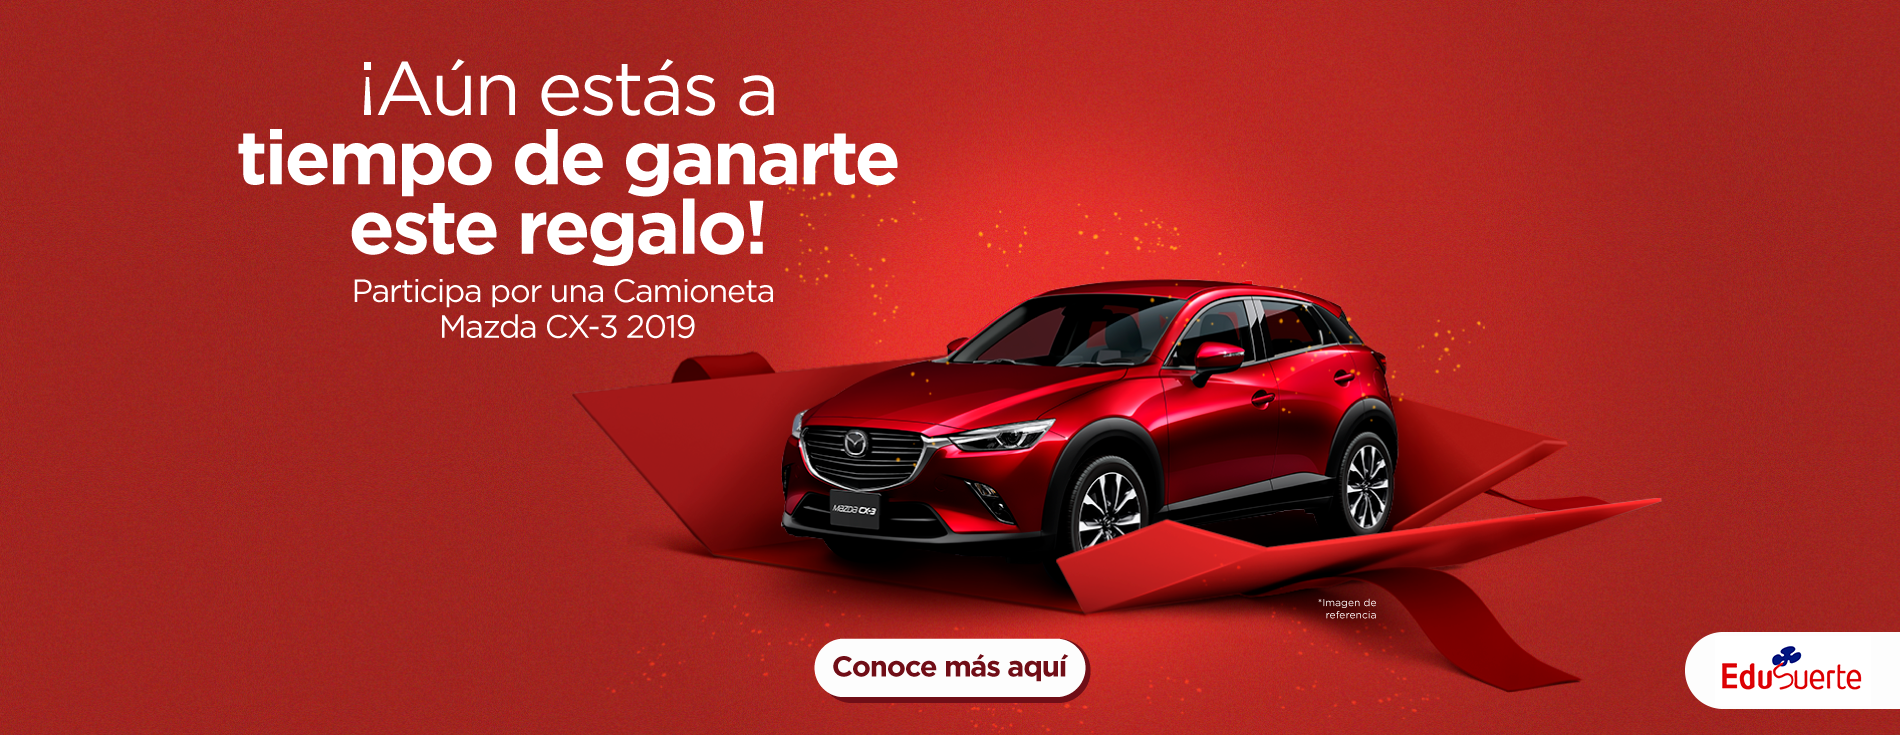 Gózate el carro de tus sueños - Barranquilla